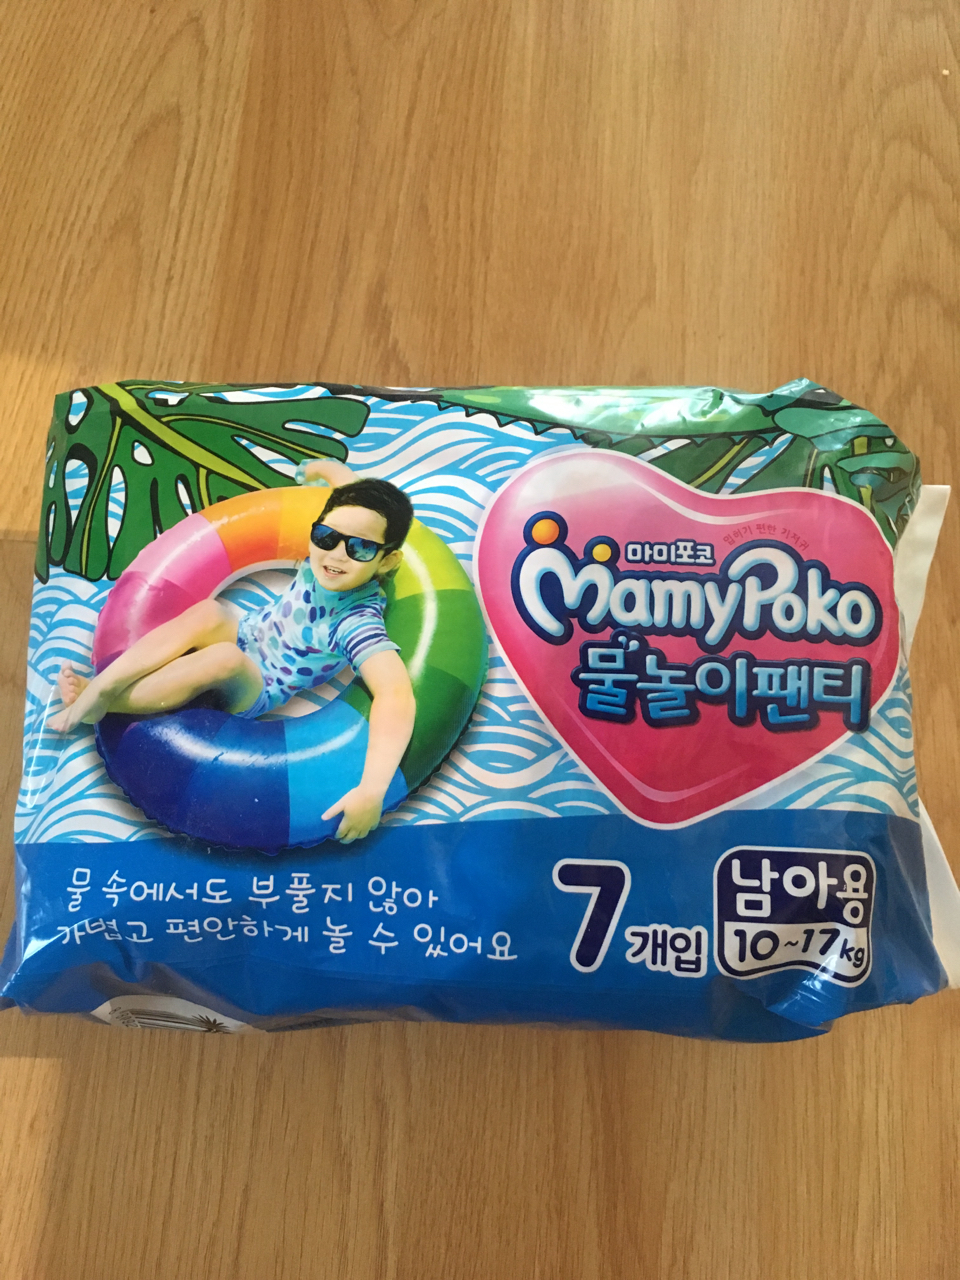 마미포코 물놀이용 기저귀 팬티 남아용 새제품